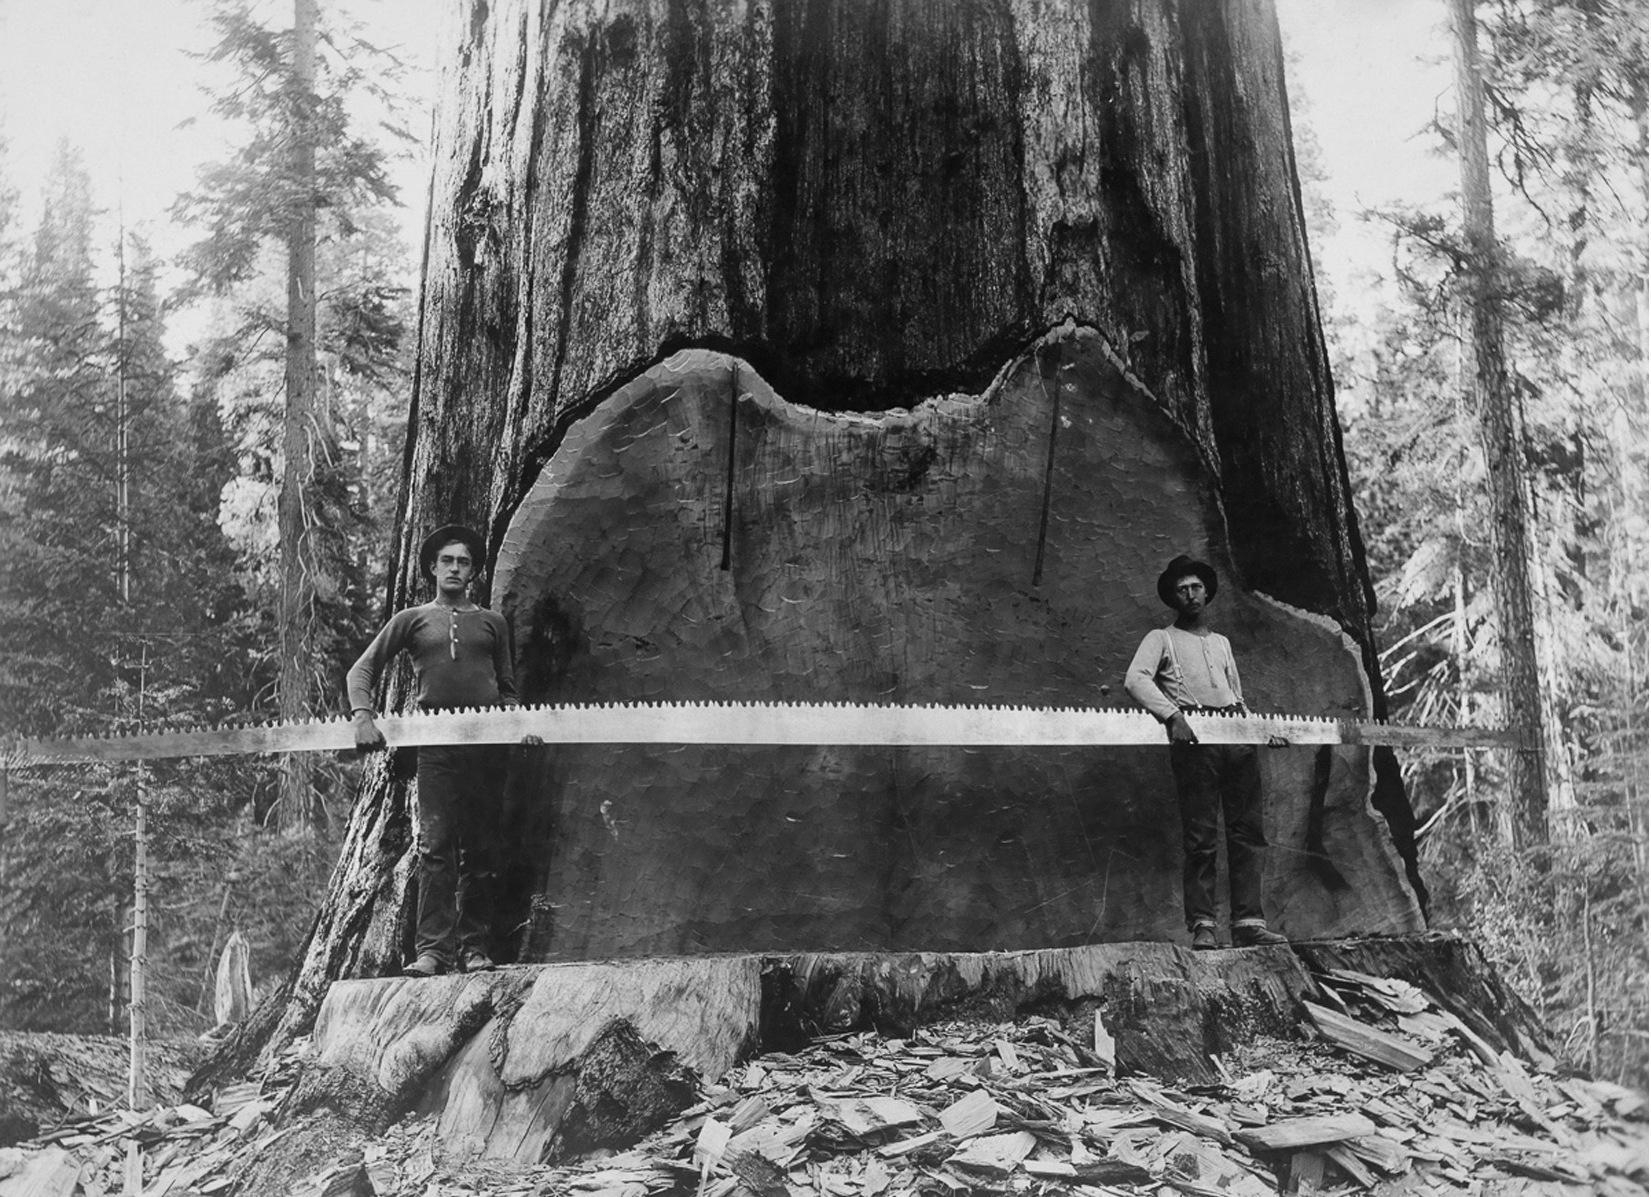 1917, Калифорния. Лесорубы держат поперечную пилу возле гигантского ствола секвойи